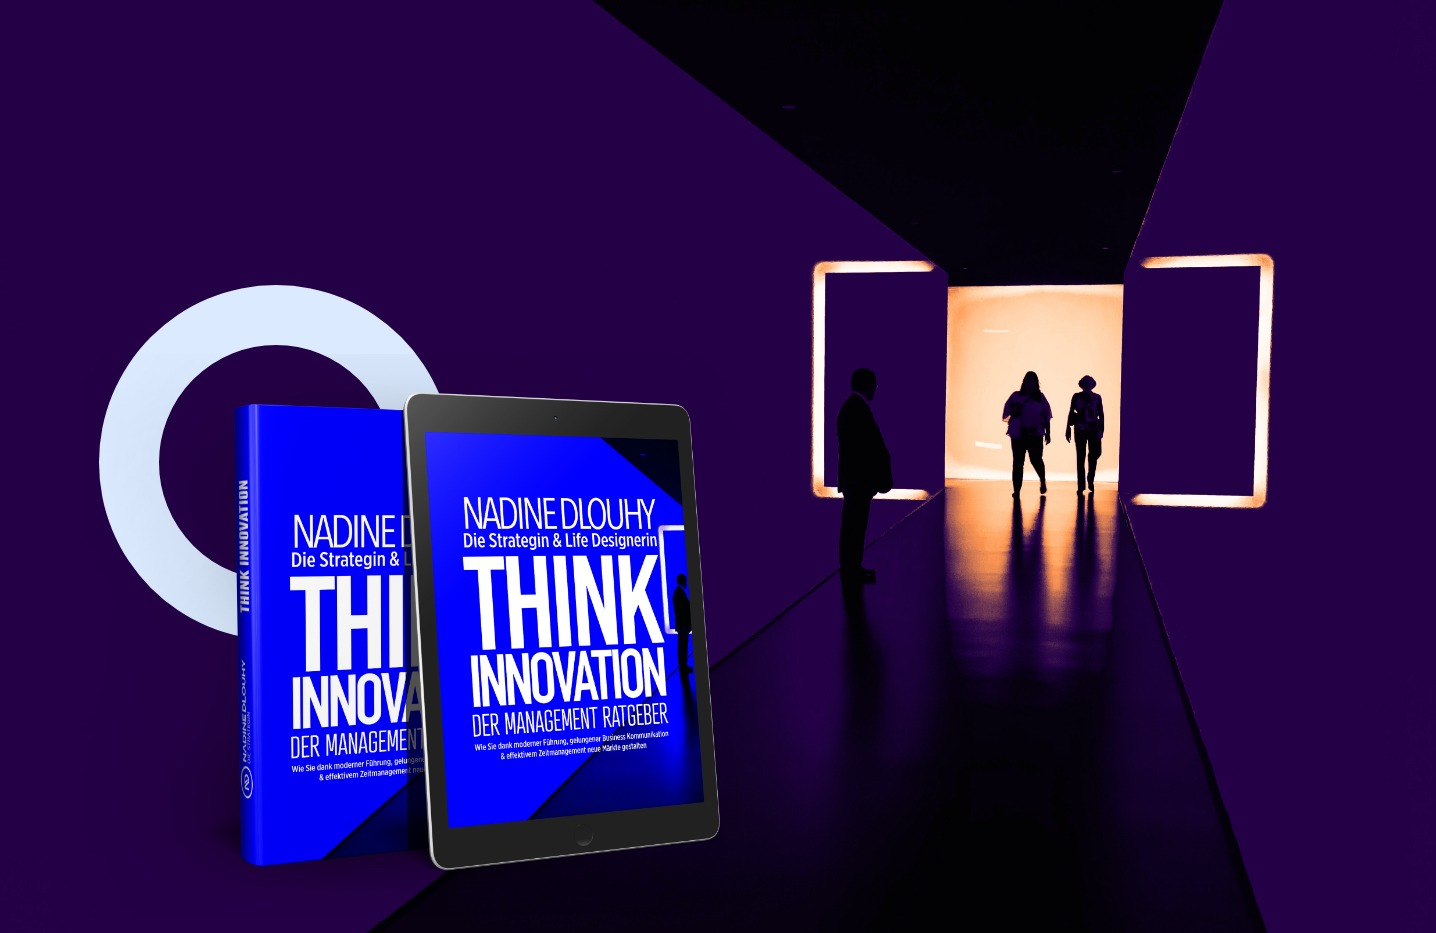 Think Innovation – der Management Ratgeber